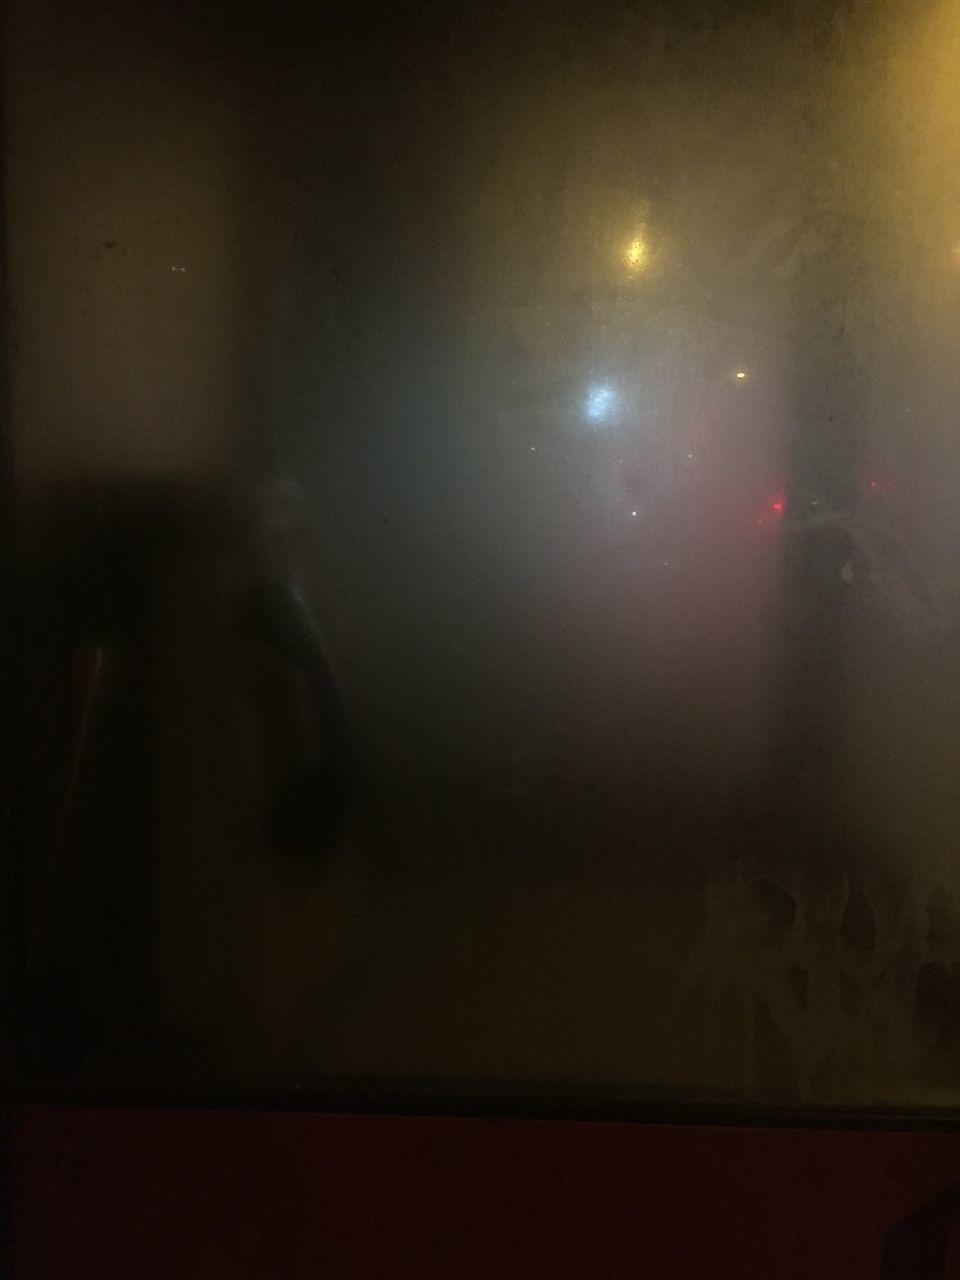 illuminated, night, indoors, no people, close-up